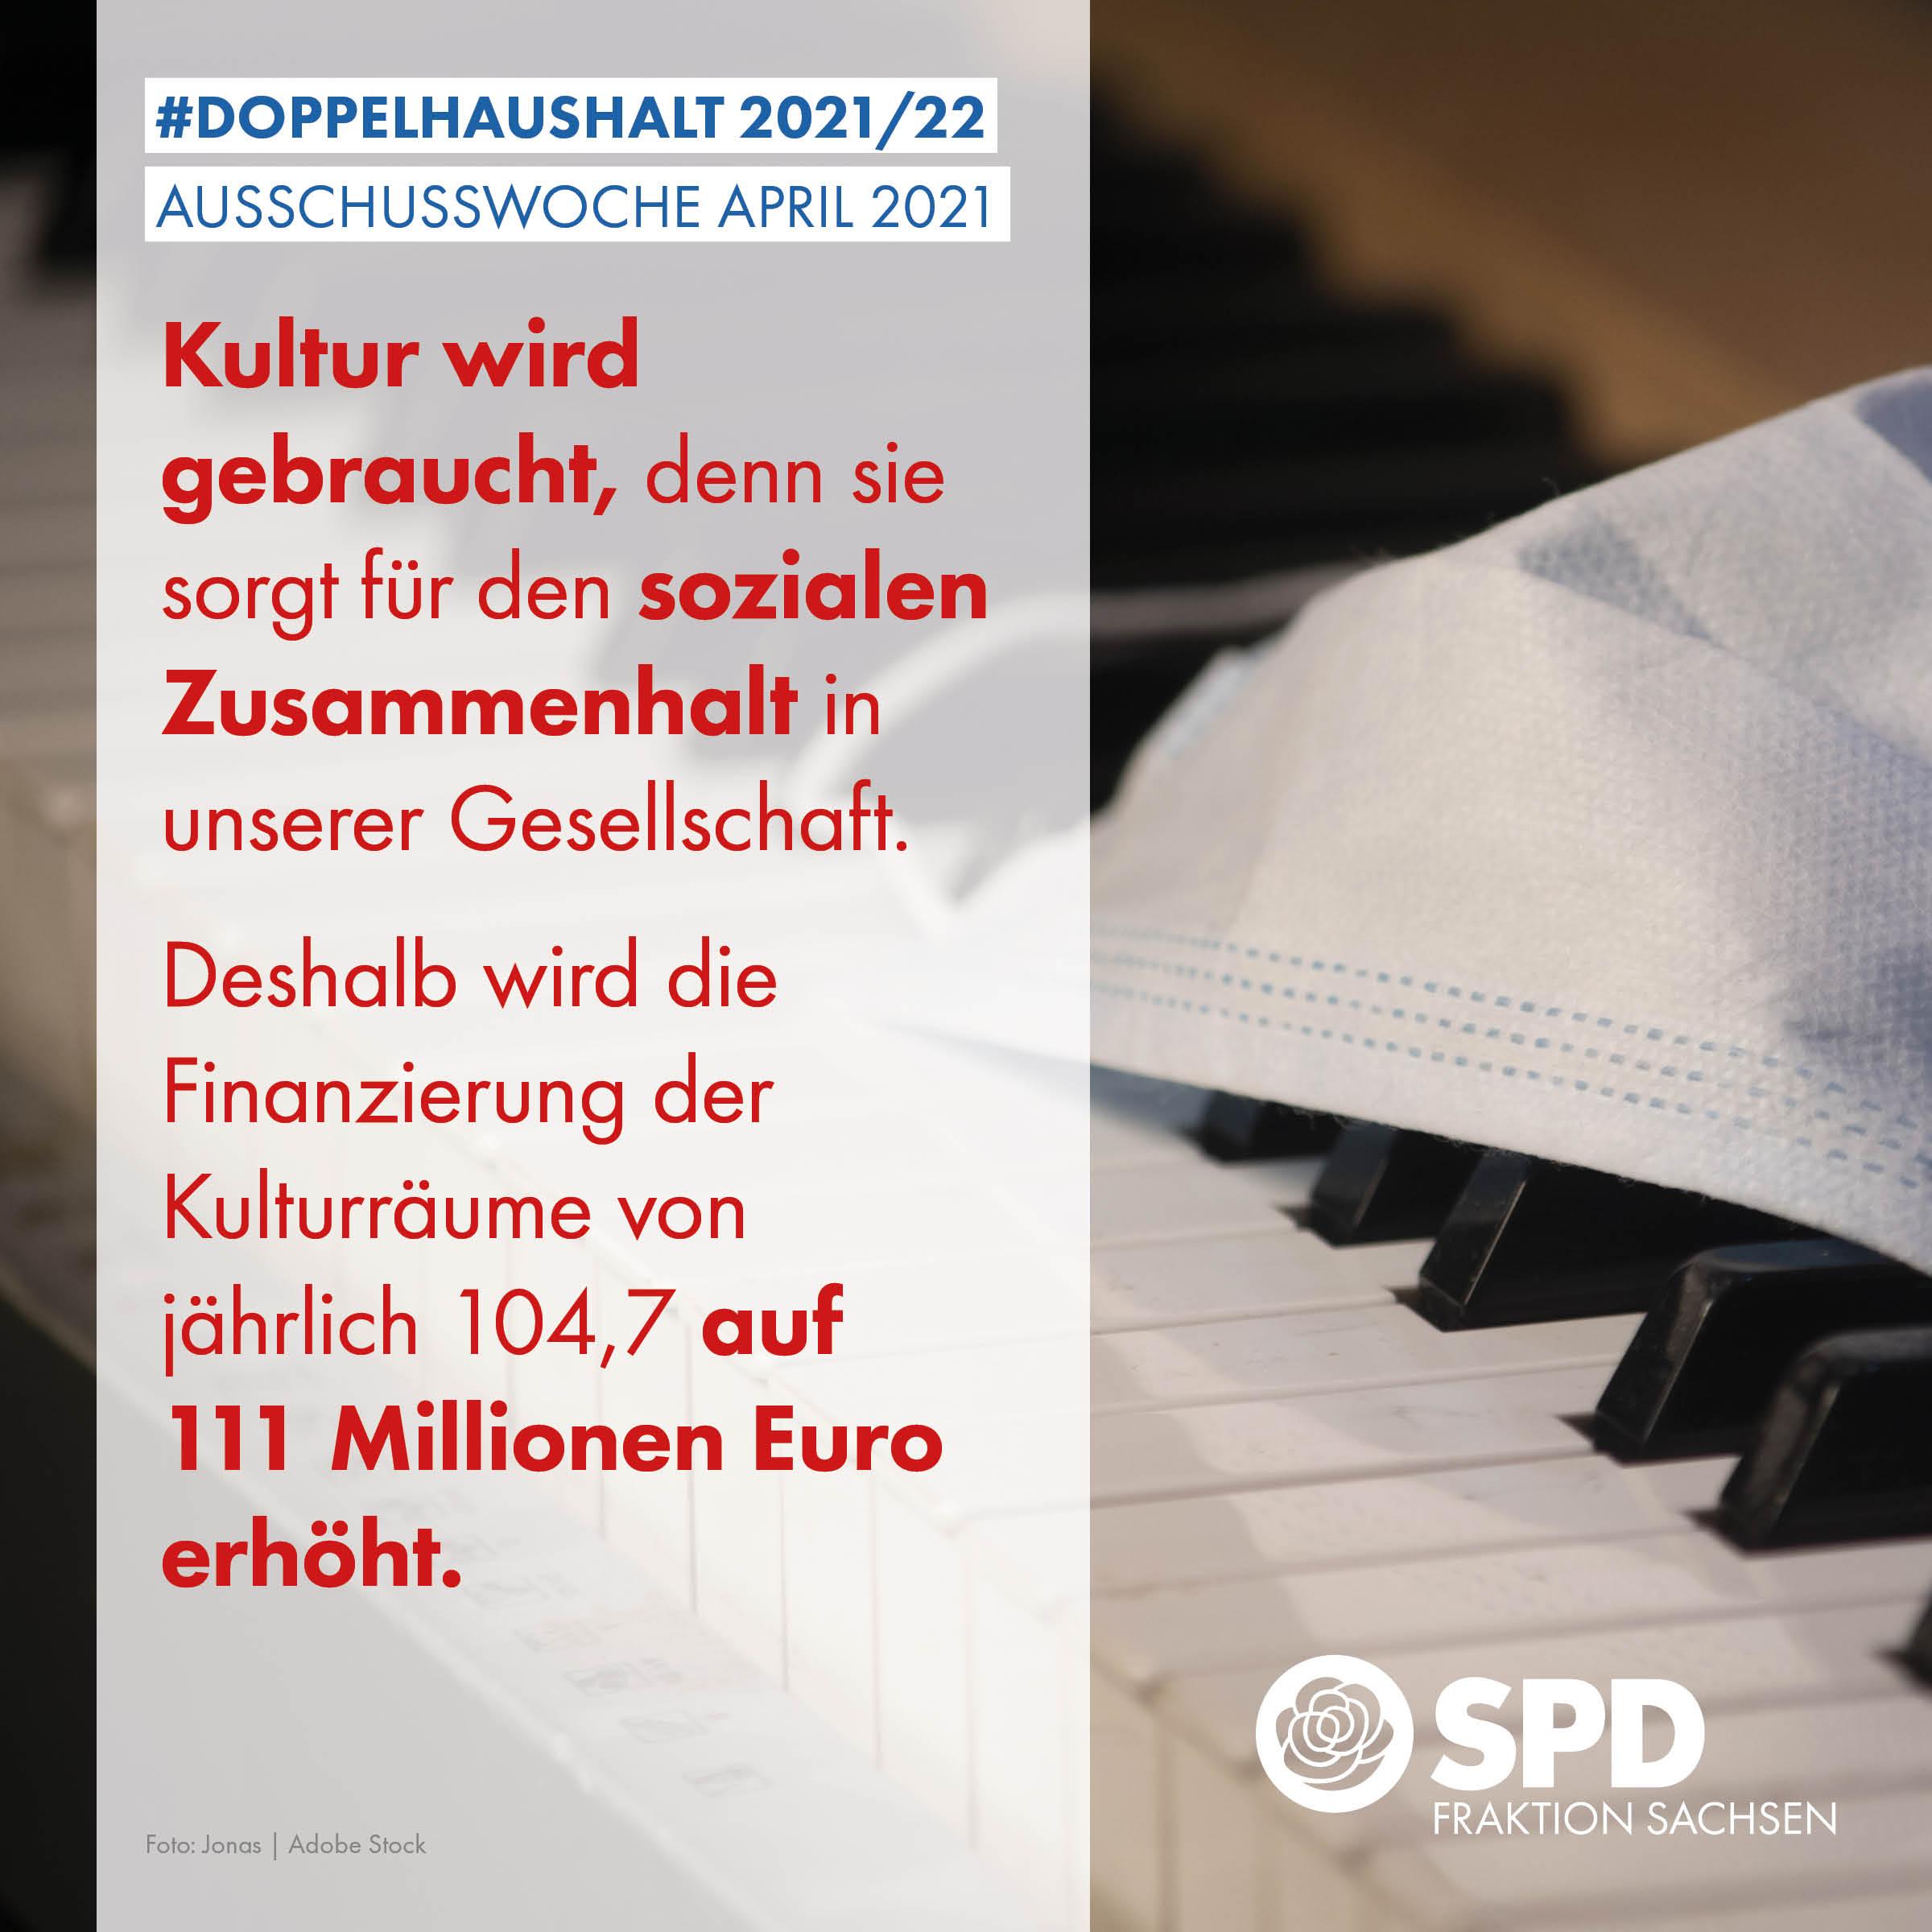 Kultur wird gebraucht, denn sie sorgt für den sozialen Zusammenhalt in unserer Gesellschaft. Deshalb wird die Finanzierung der Kulturräume von jährlich 104,7 auf 111 Millionen Euro erhöht.